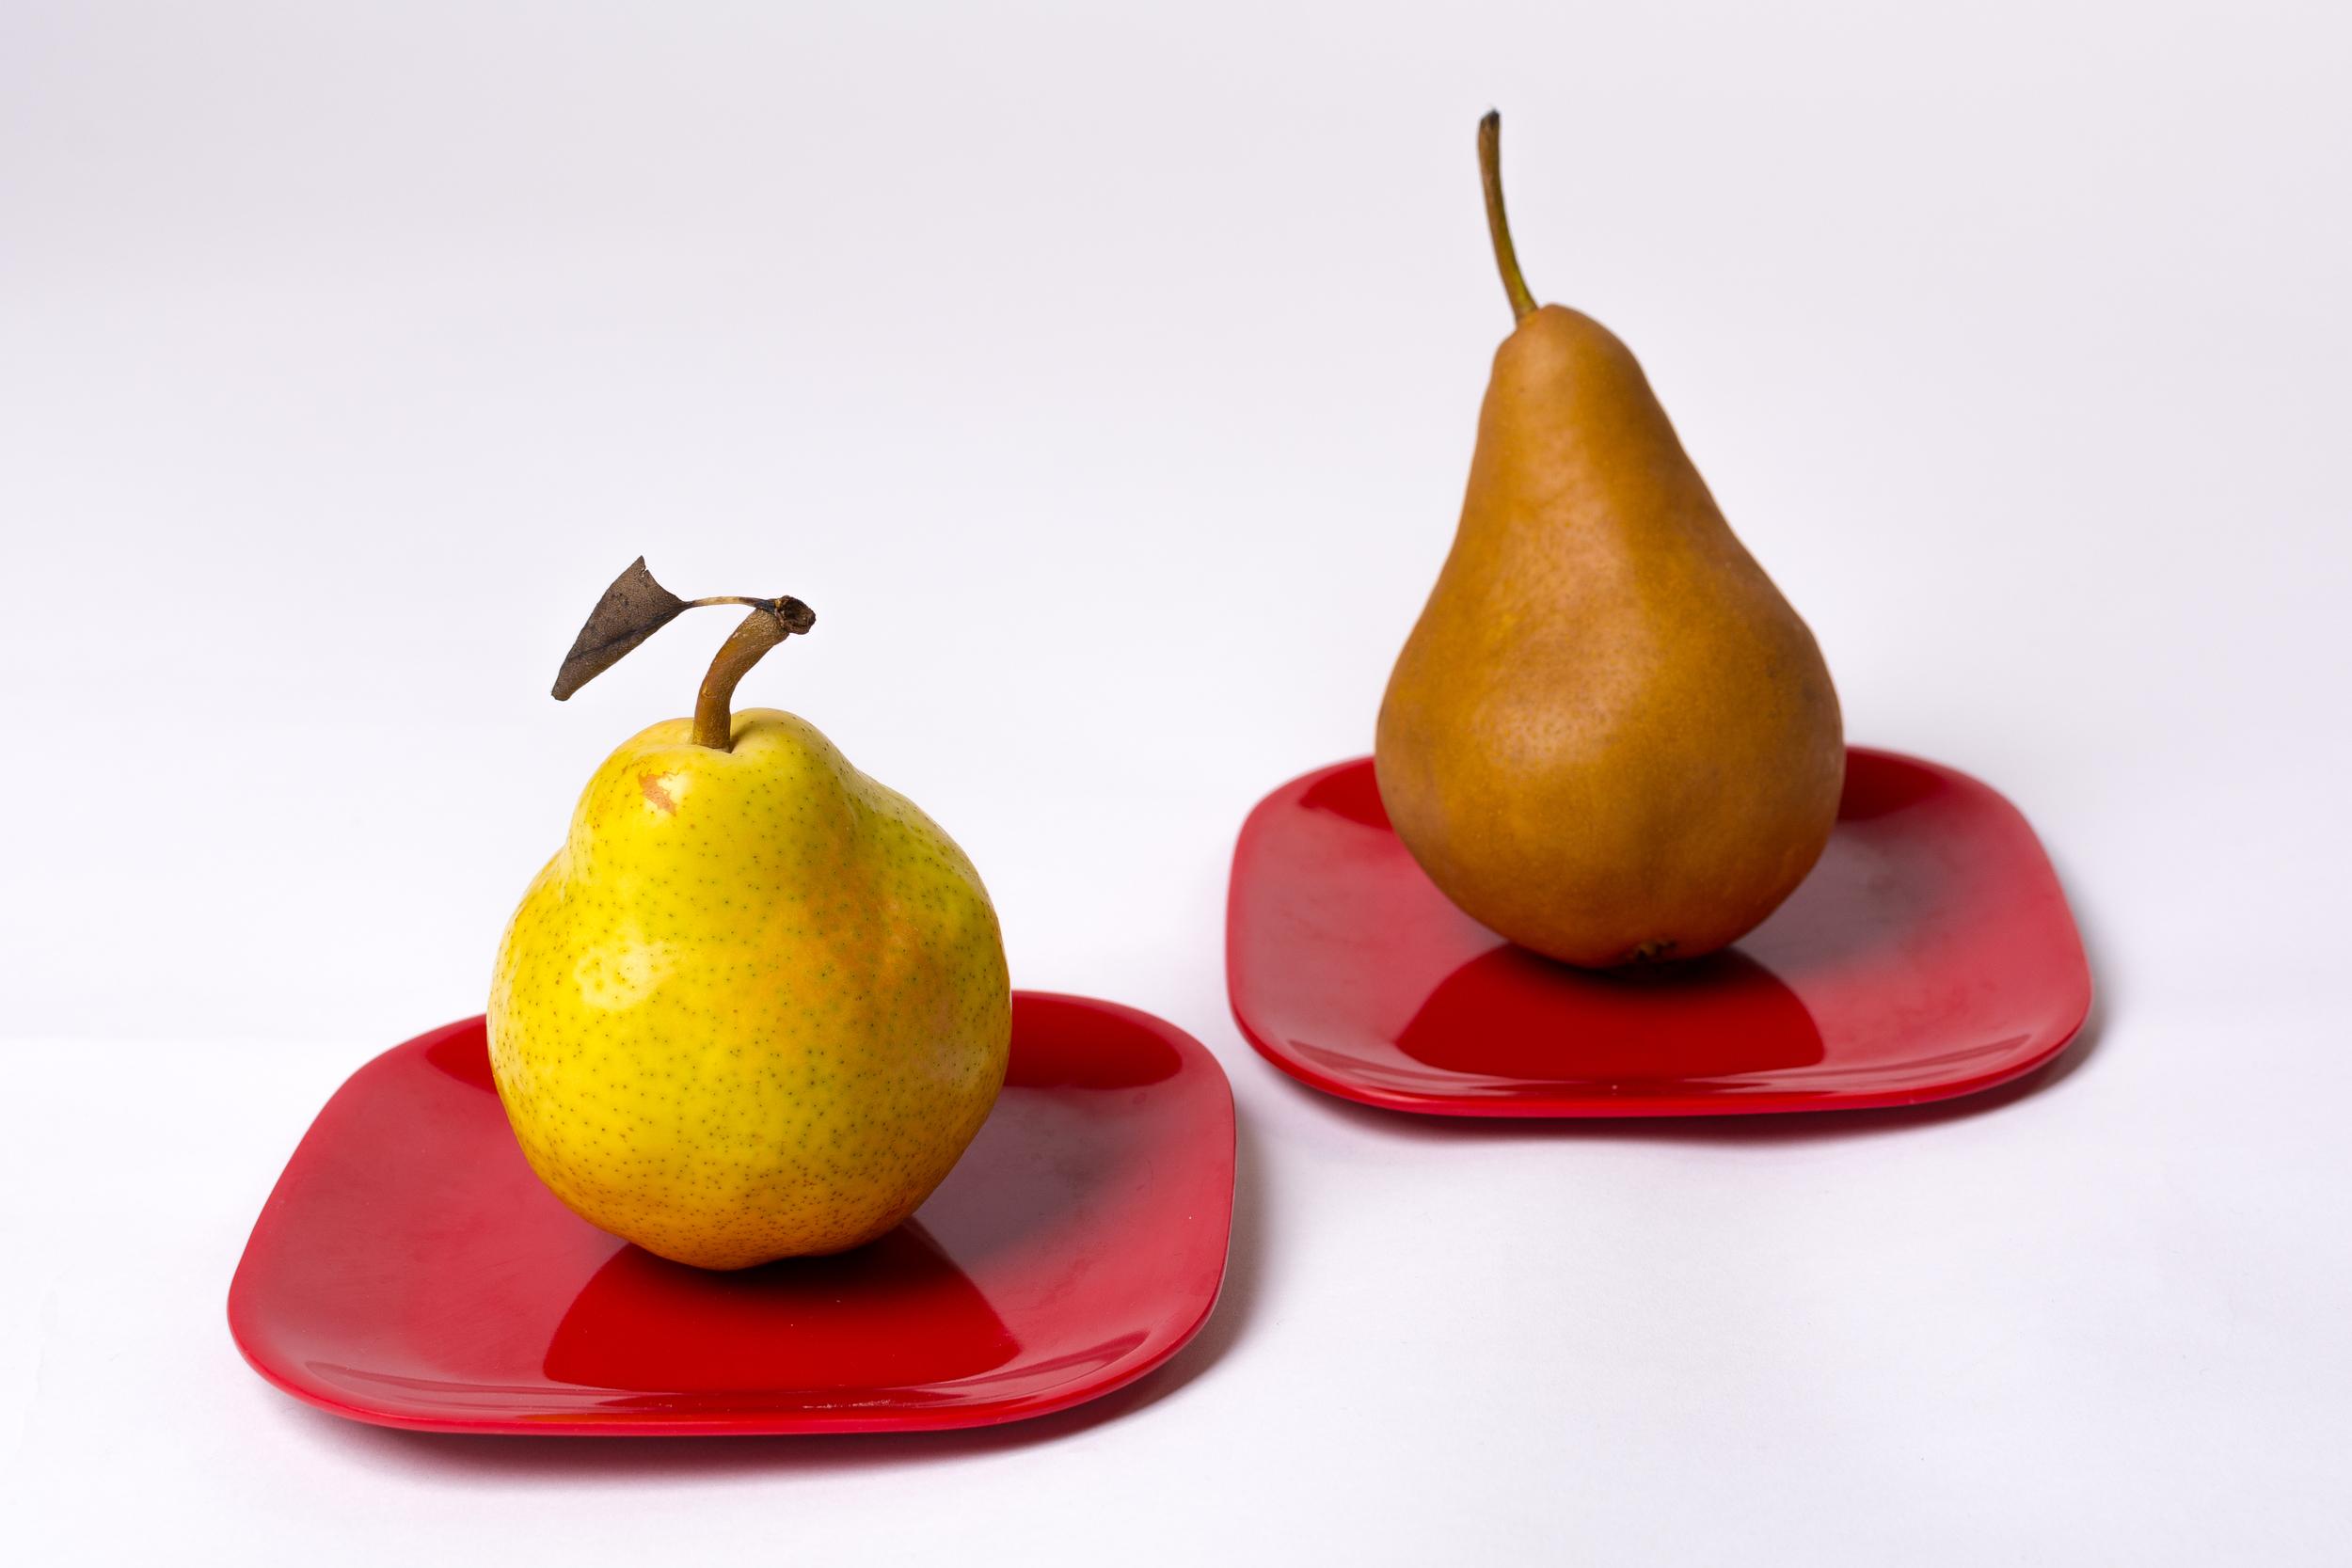 Pair of Pears-24.jpg